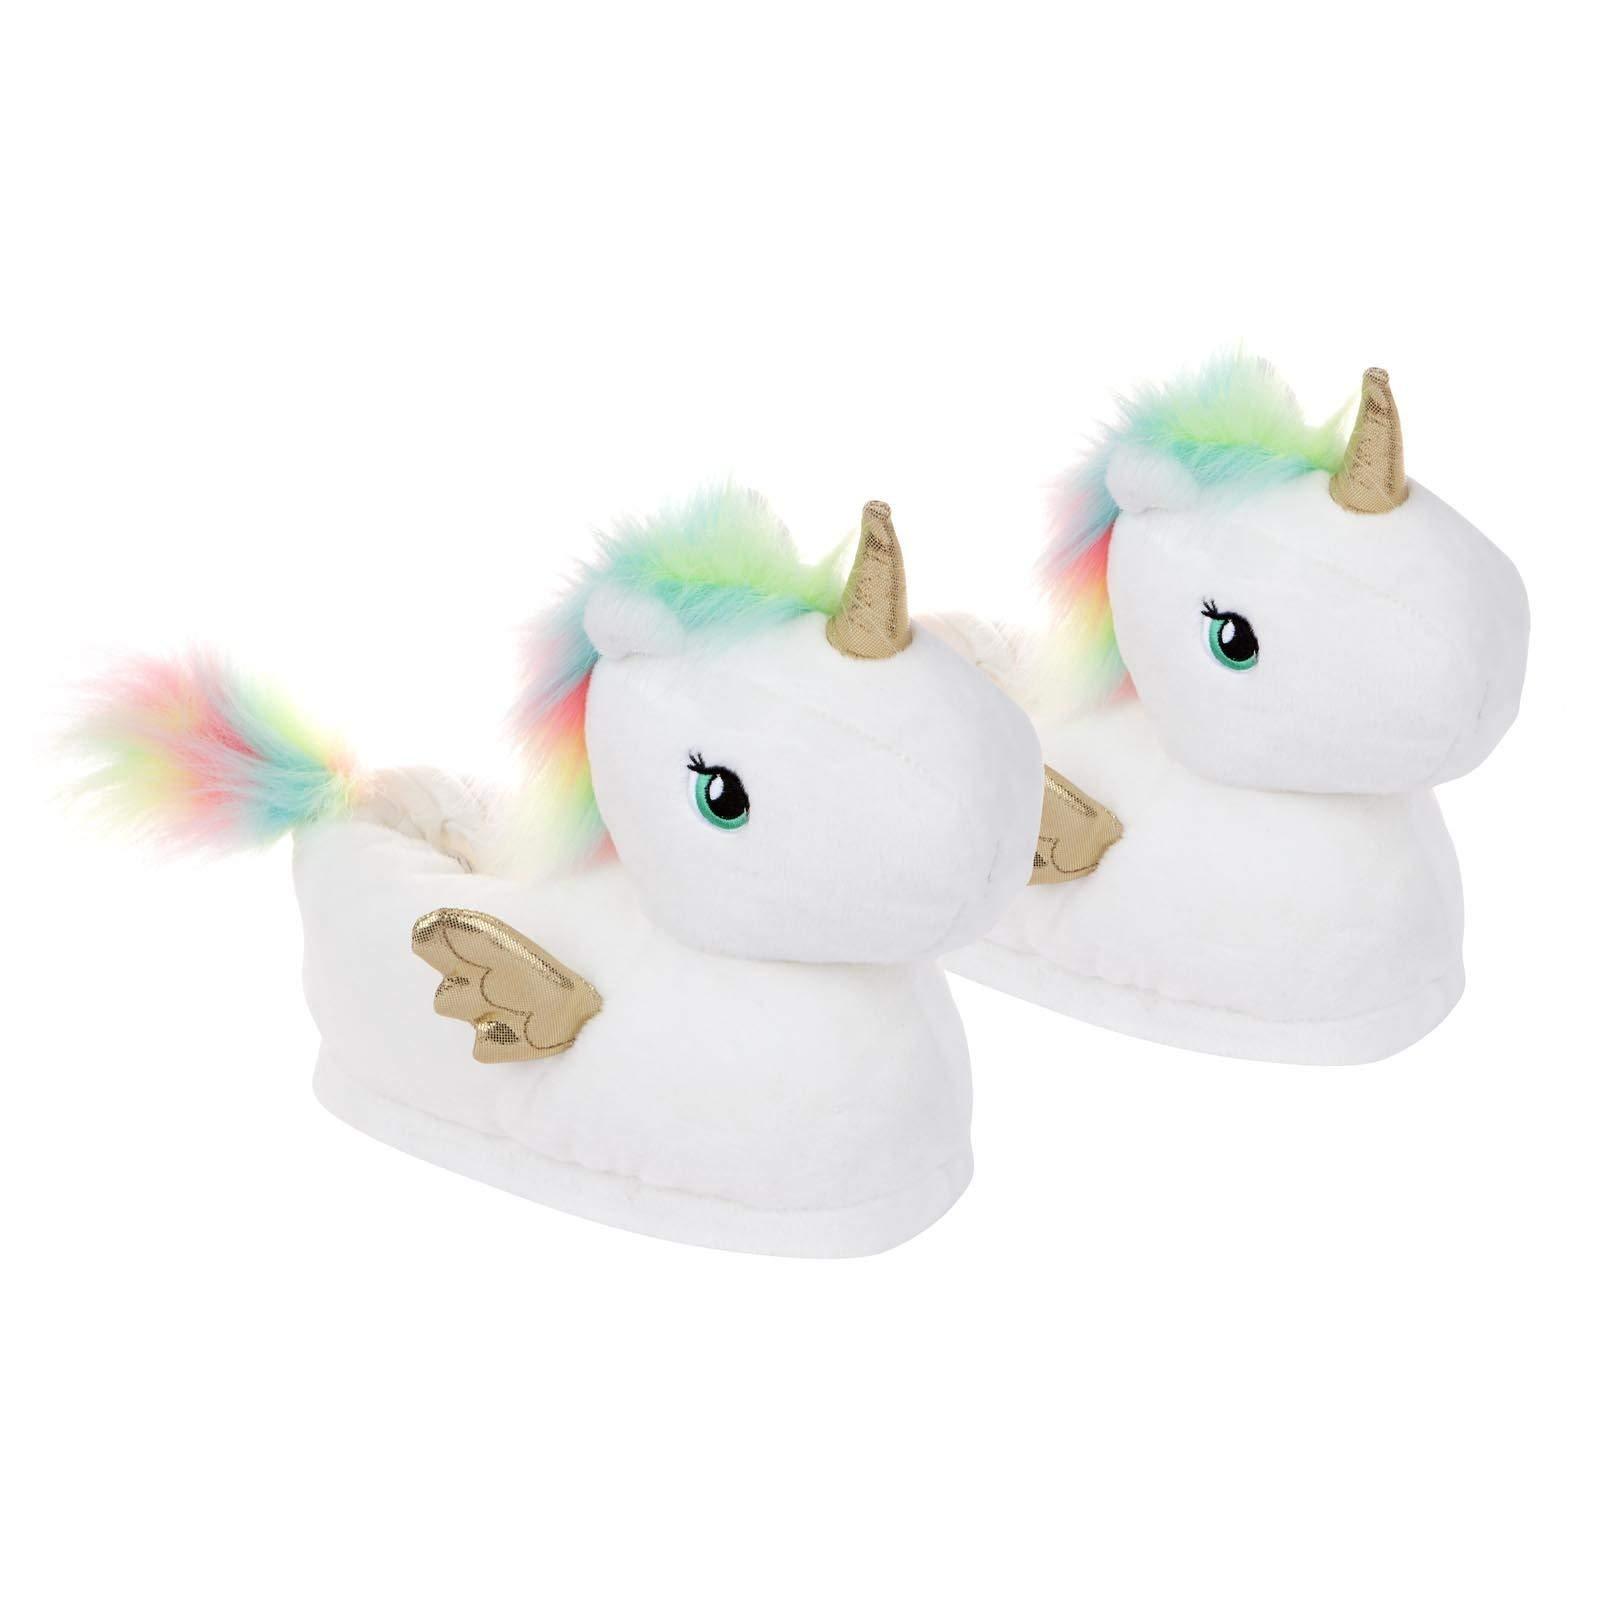 SunnyLIFE Kid's Unicorn Slippers, Medium White